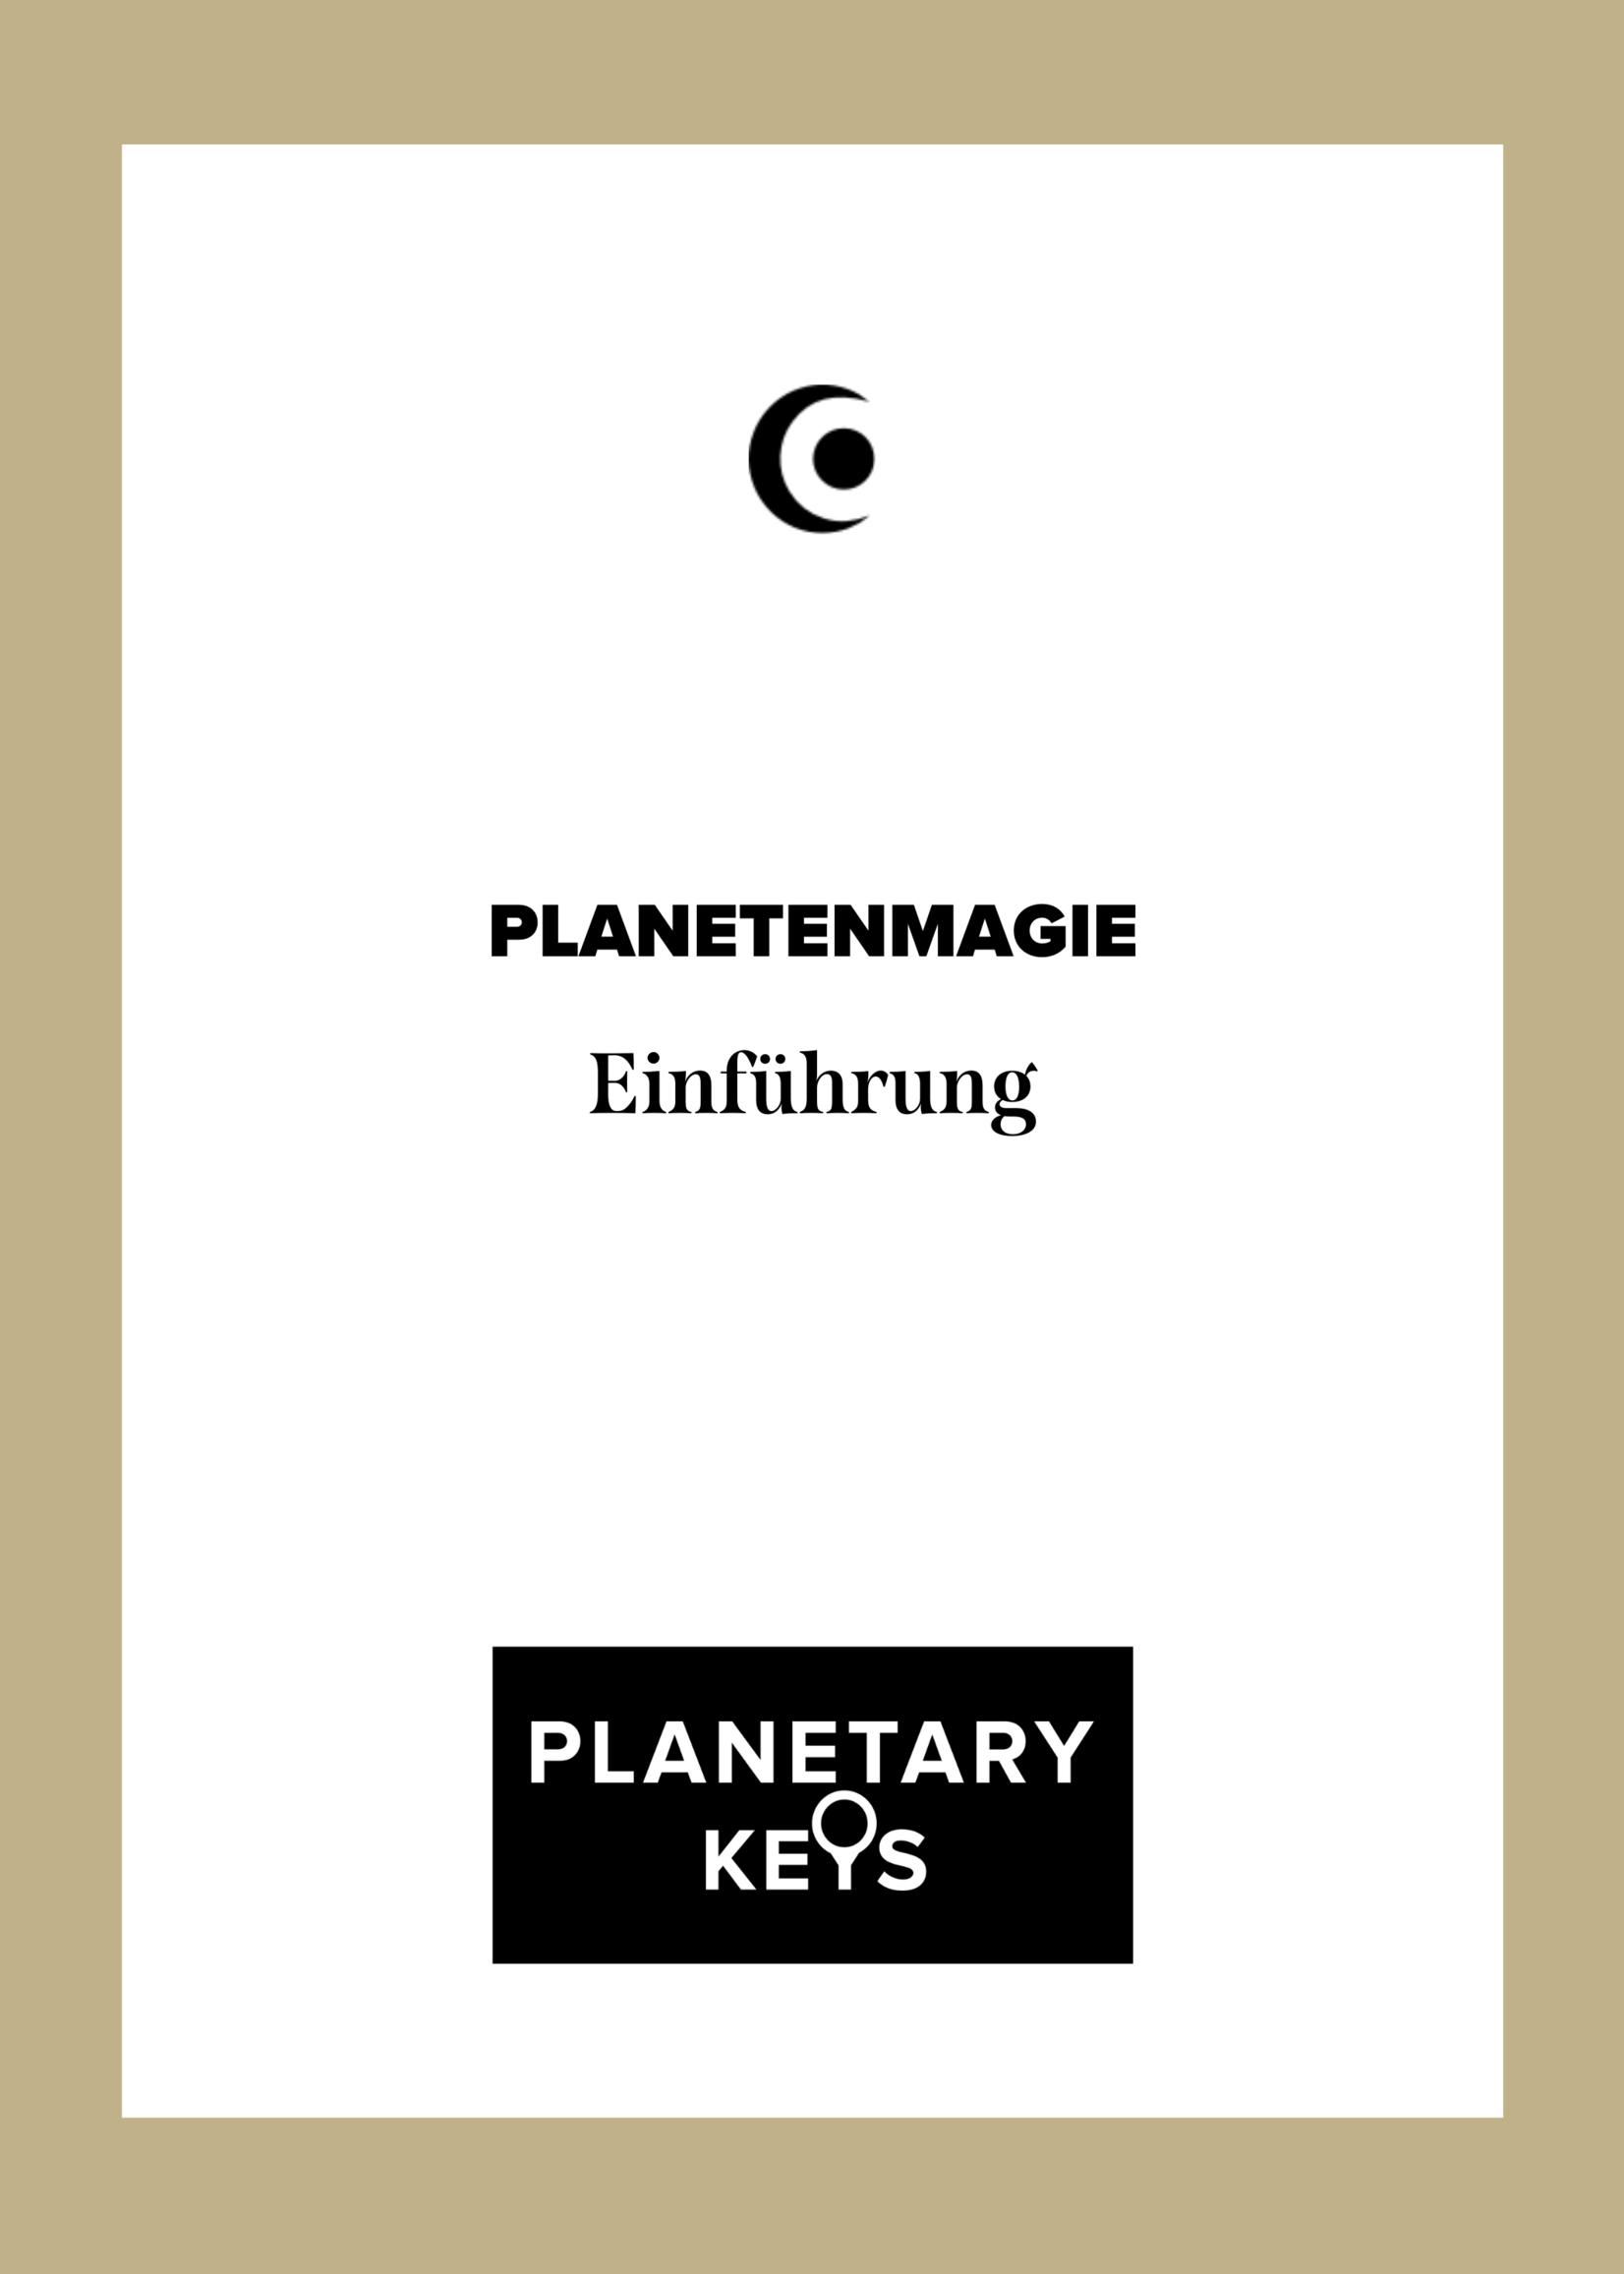 Einführung PLANETENMAGIE - Video & Downloads